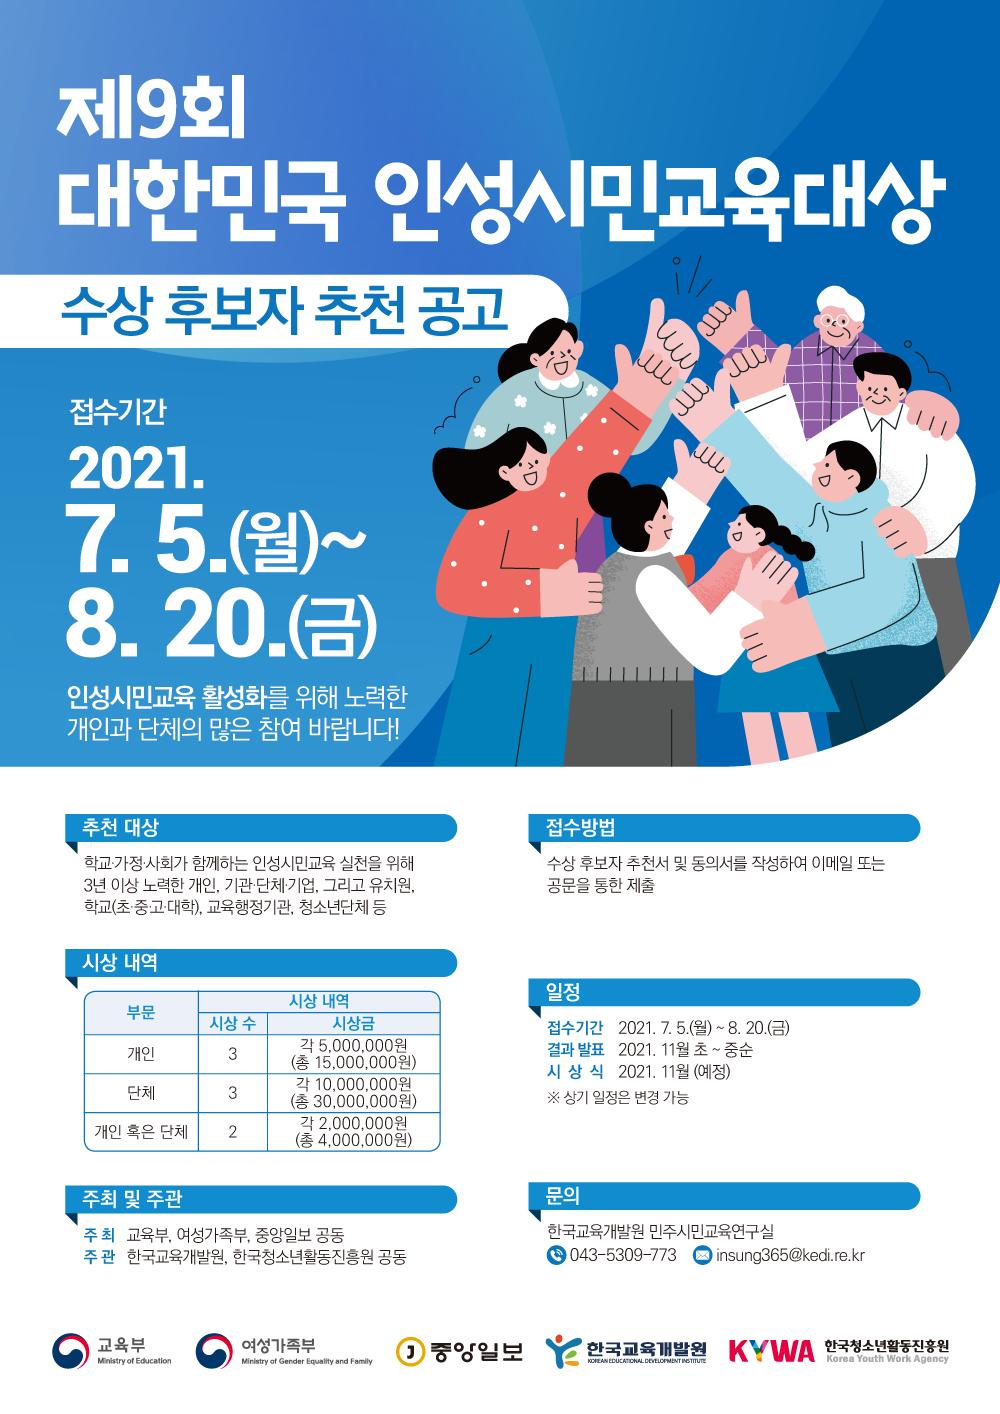 제9회 대한민국 인성시민교육대상 수상 후보자 추천 공고 포스터